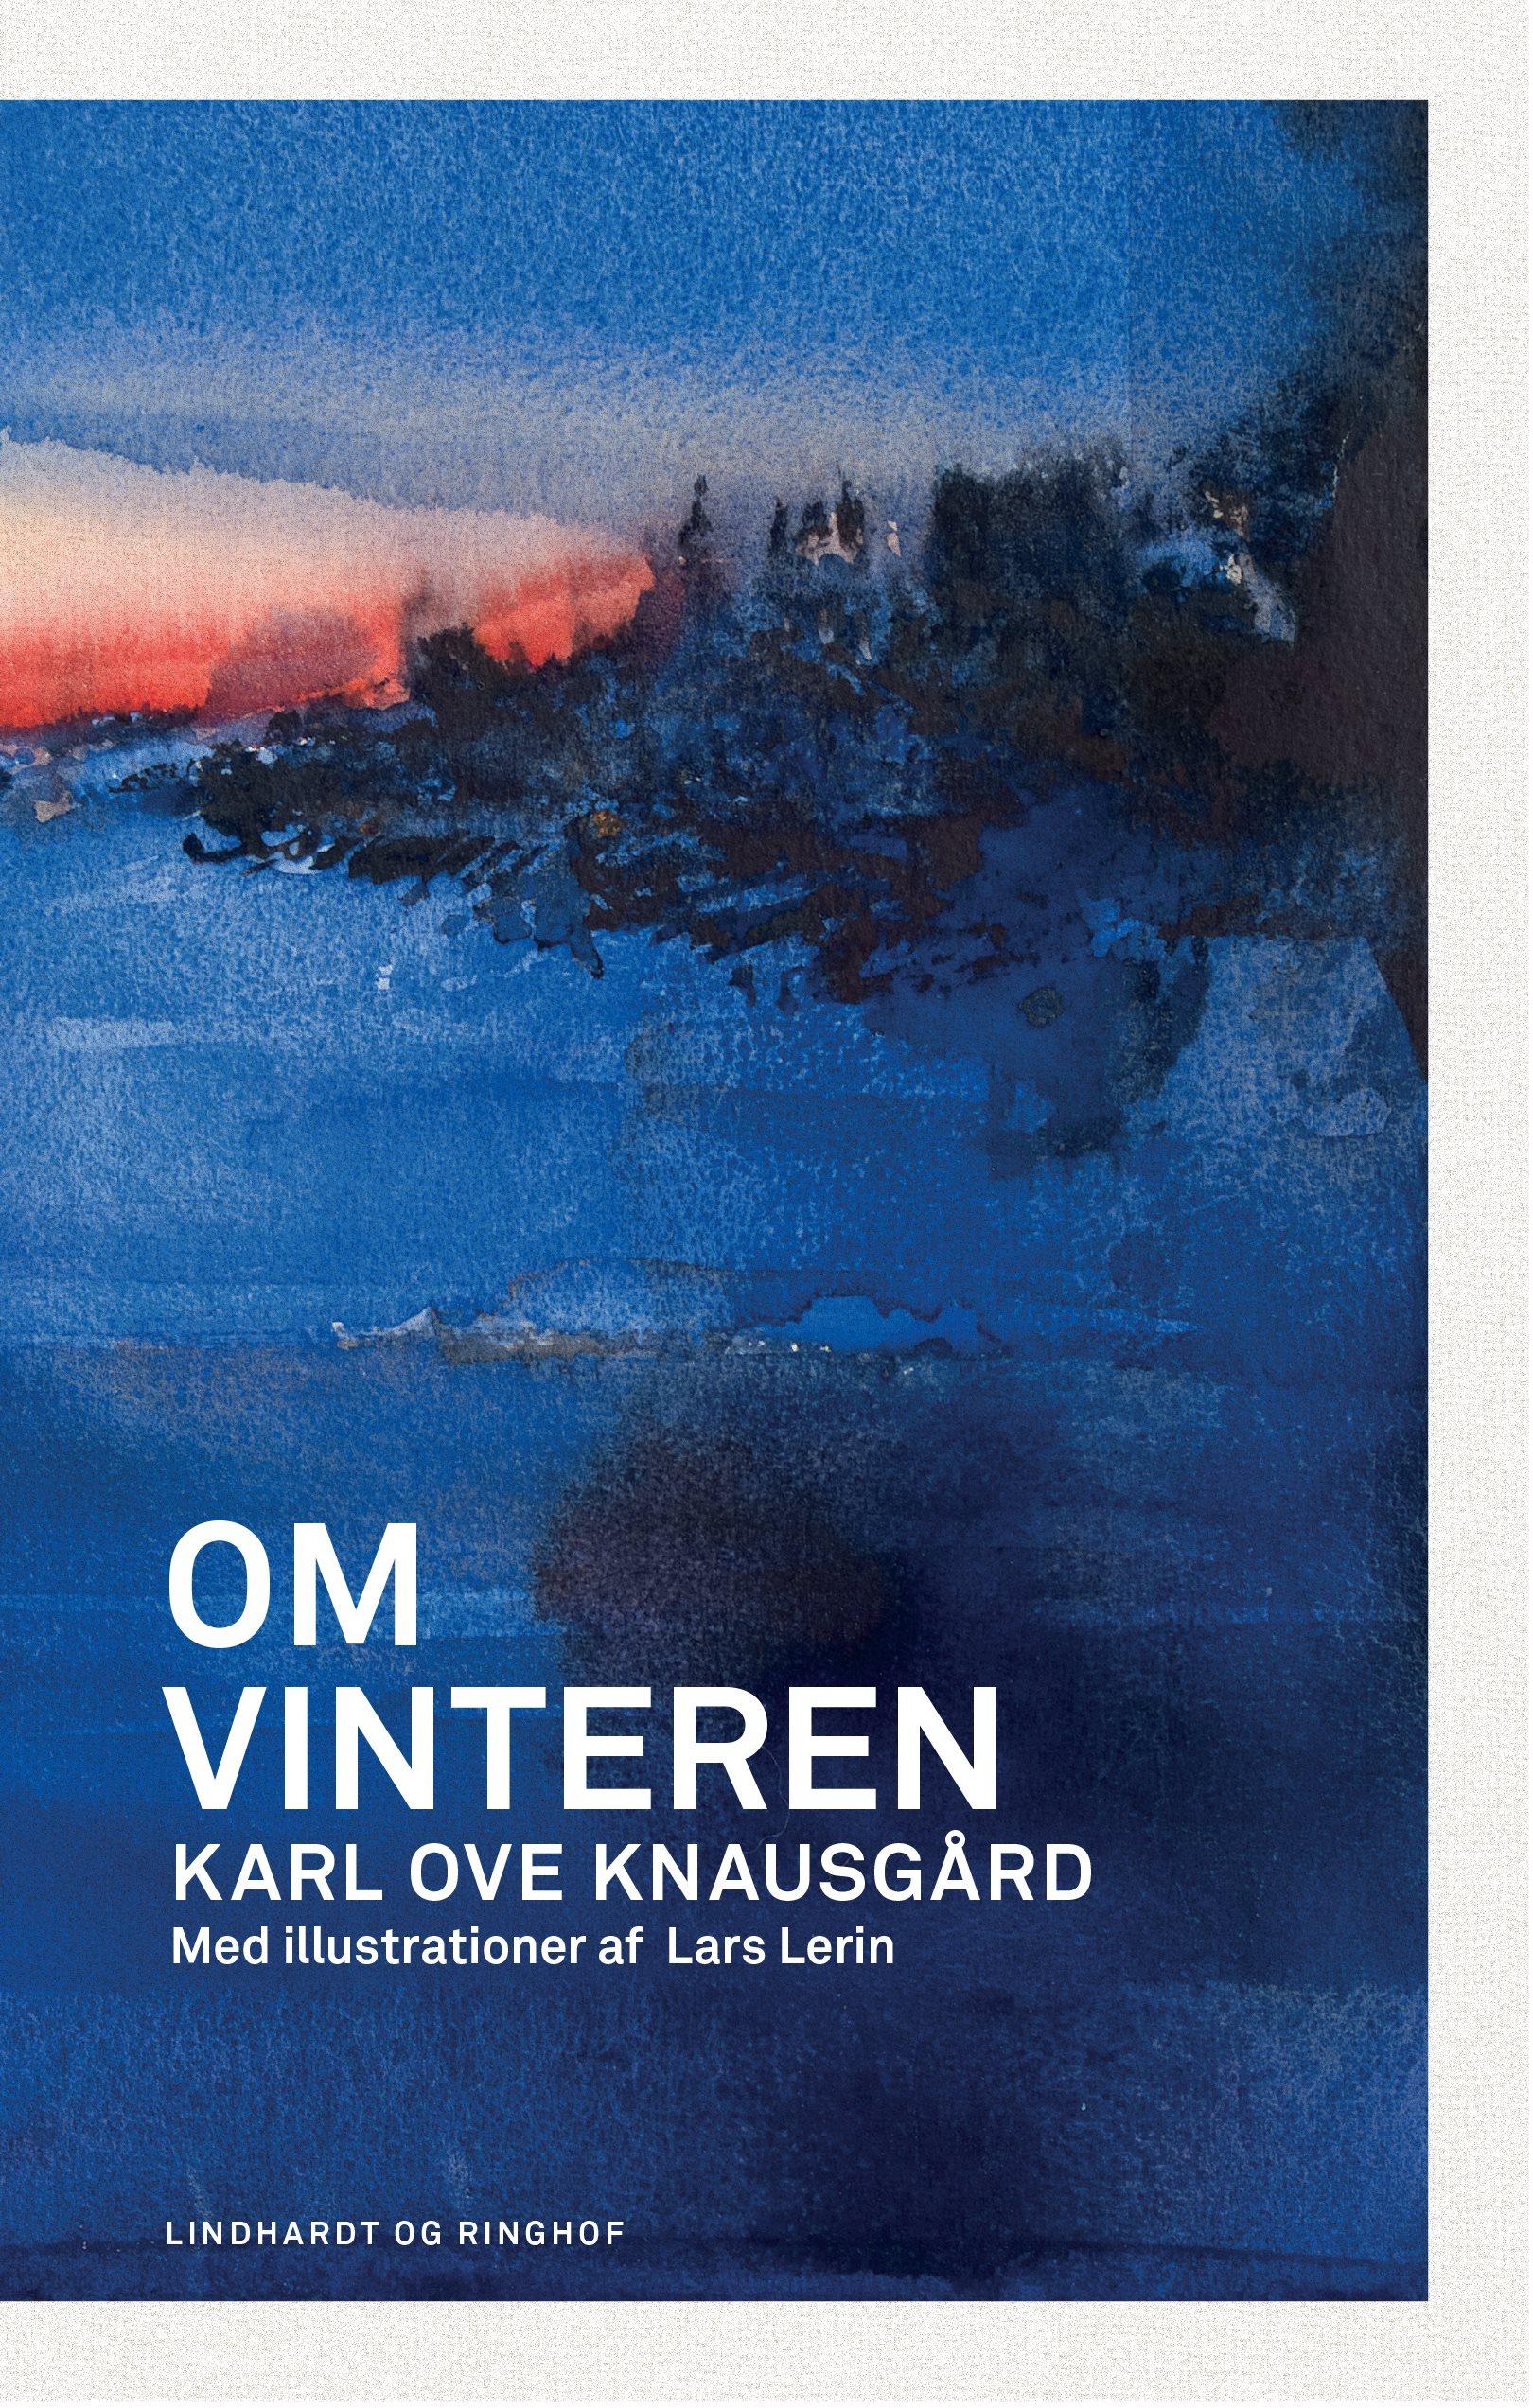 Karl Ove Knausgaard om vinteren